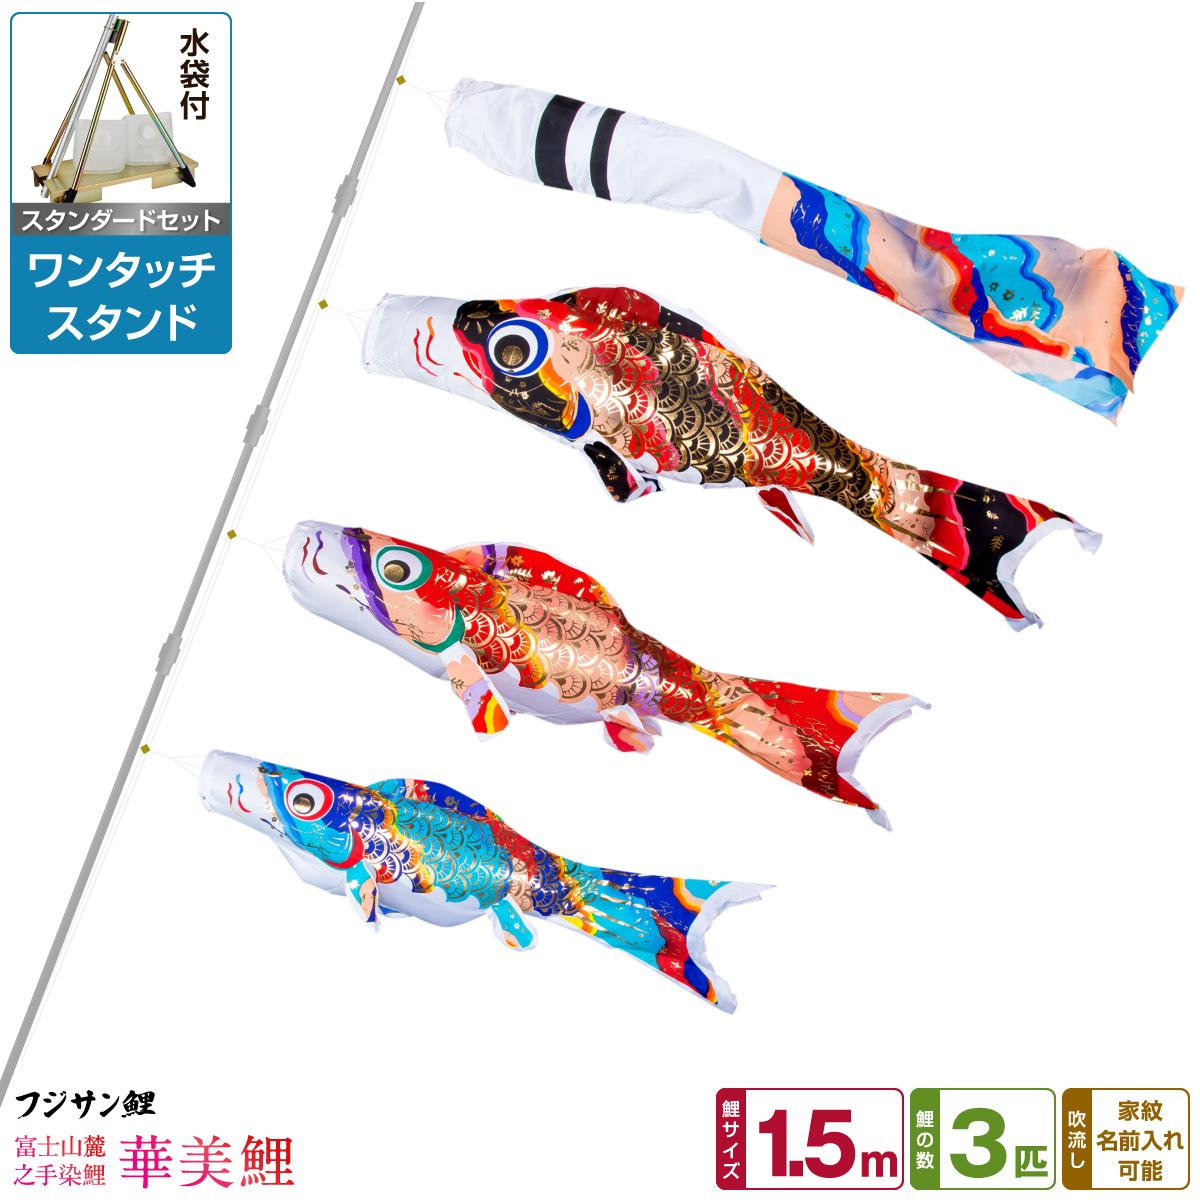 ベランダ用 こいのぼり 鯉のぼり フジサン鯉 華美鯉 1.5m 6点(吹流し+鯉3匹+矢車+ロープ)/スタンダードセット(ワンタッチスタンド)